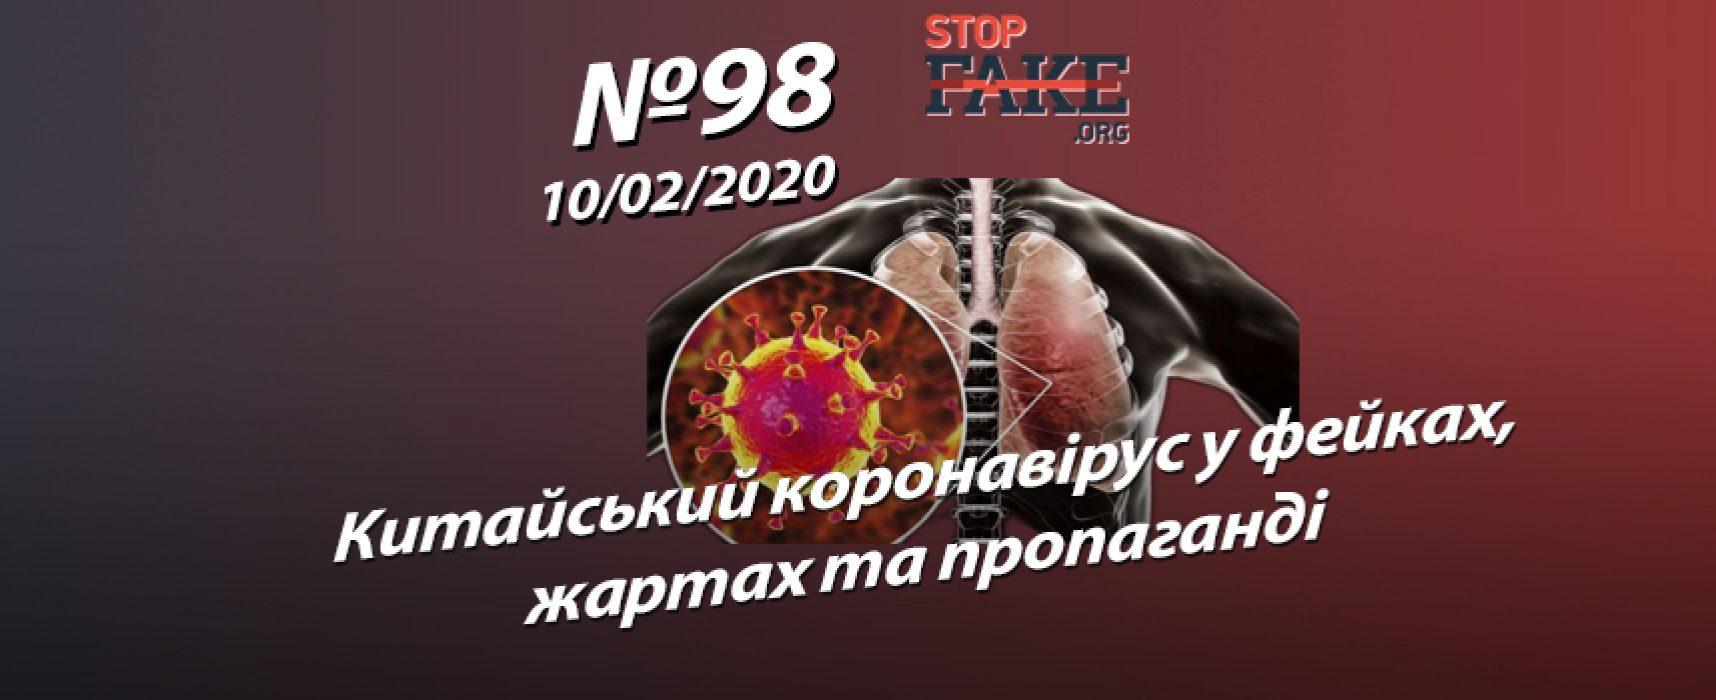 Китайський коронавірус у фейках, жартах та пропаганді – StopFake.org